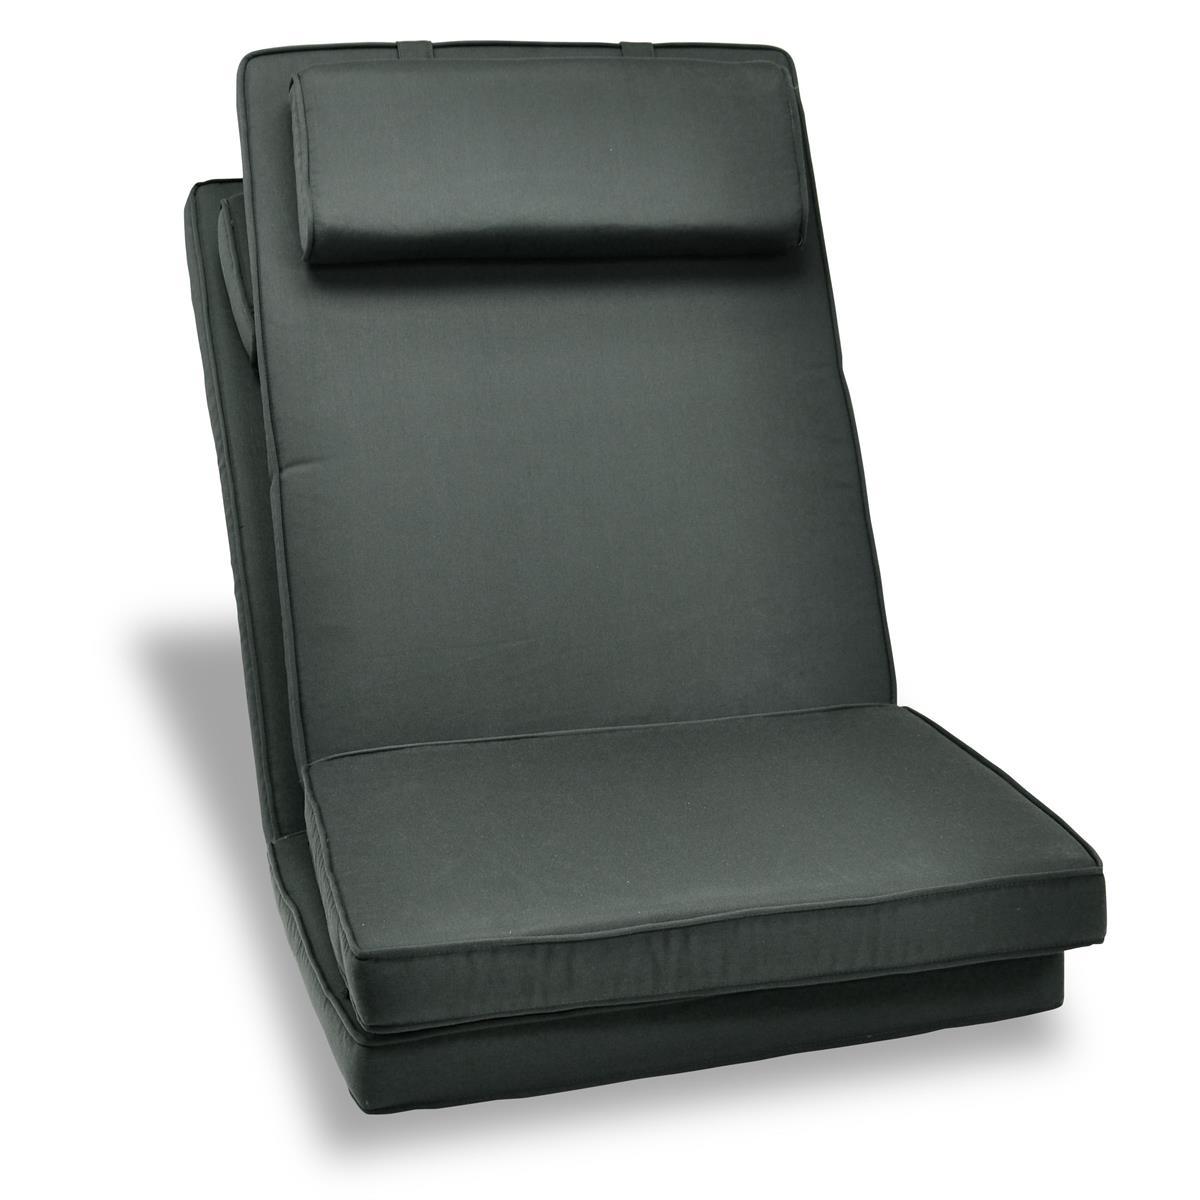 DIVERO 2er Set Sitzauflage Stuhlauflage Polster Gartenstuhl Klappstuhl anthrazit